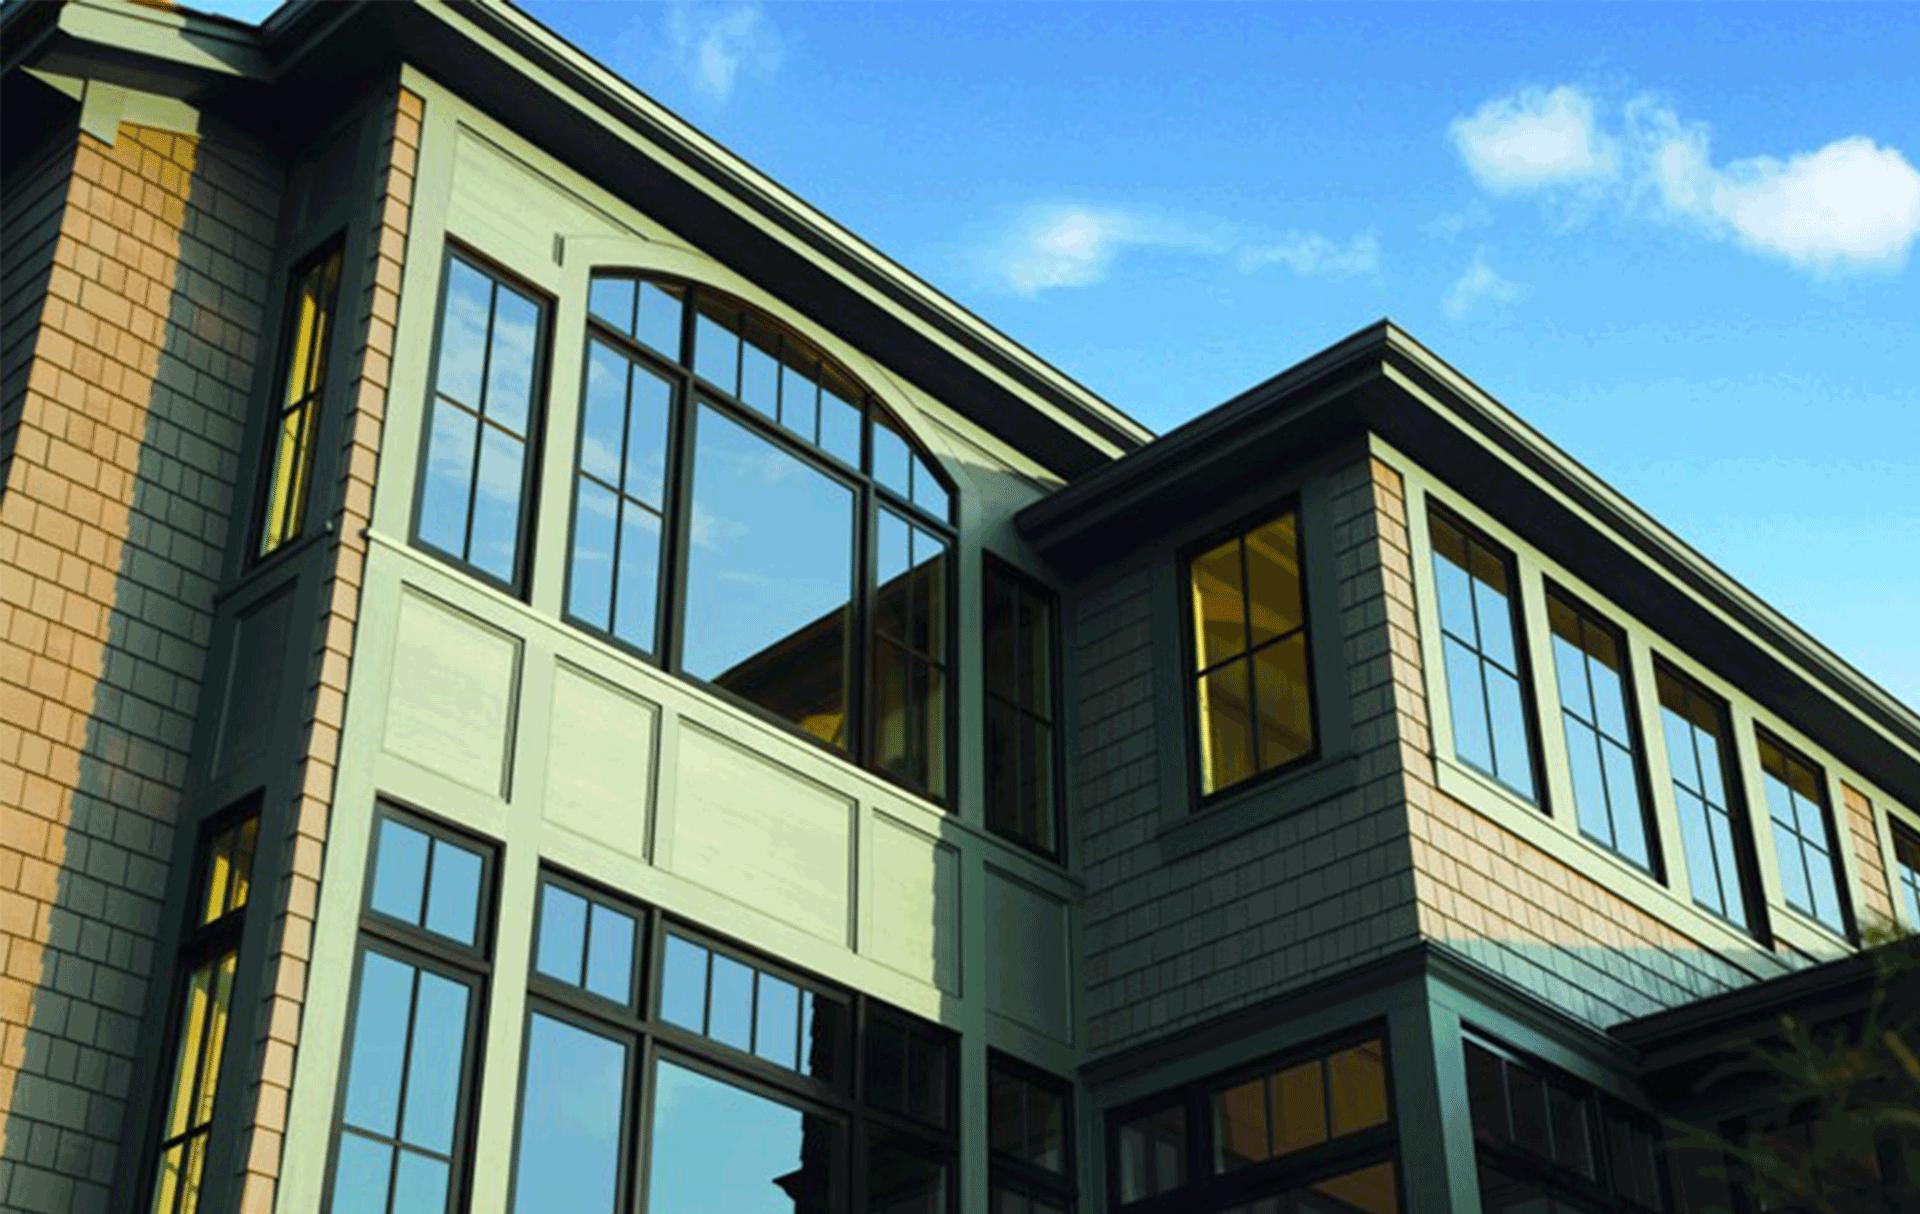 Anderson windows and doors andersen windows showroom for Anderson windows and doors